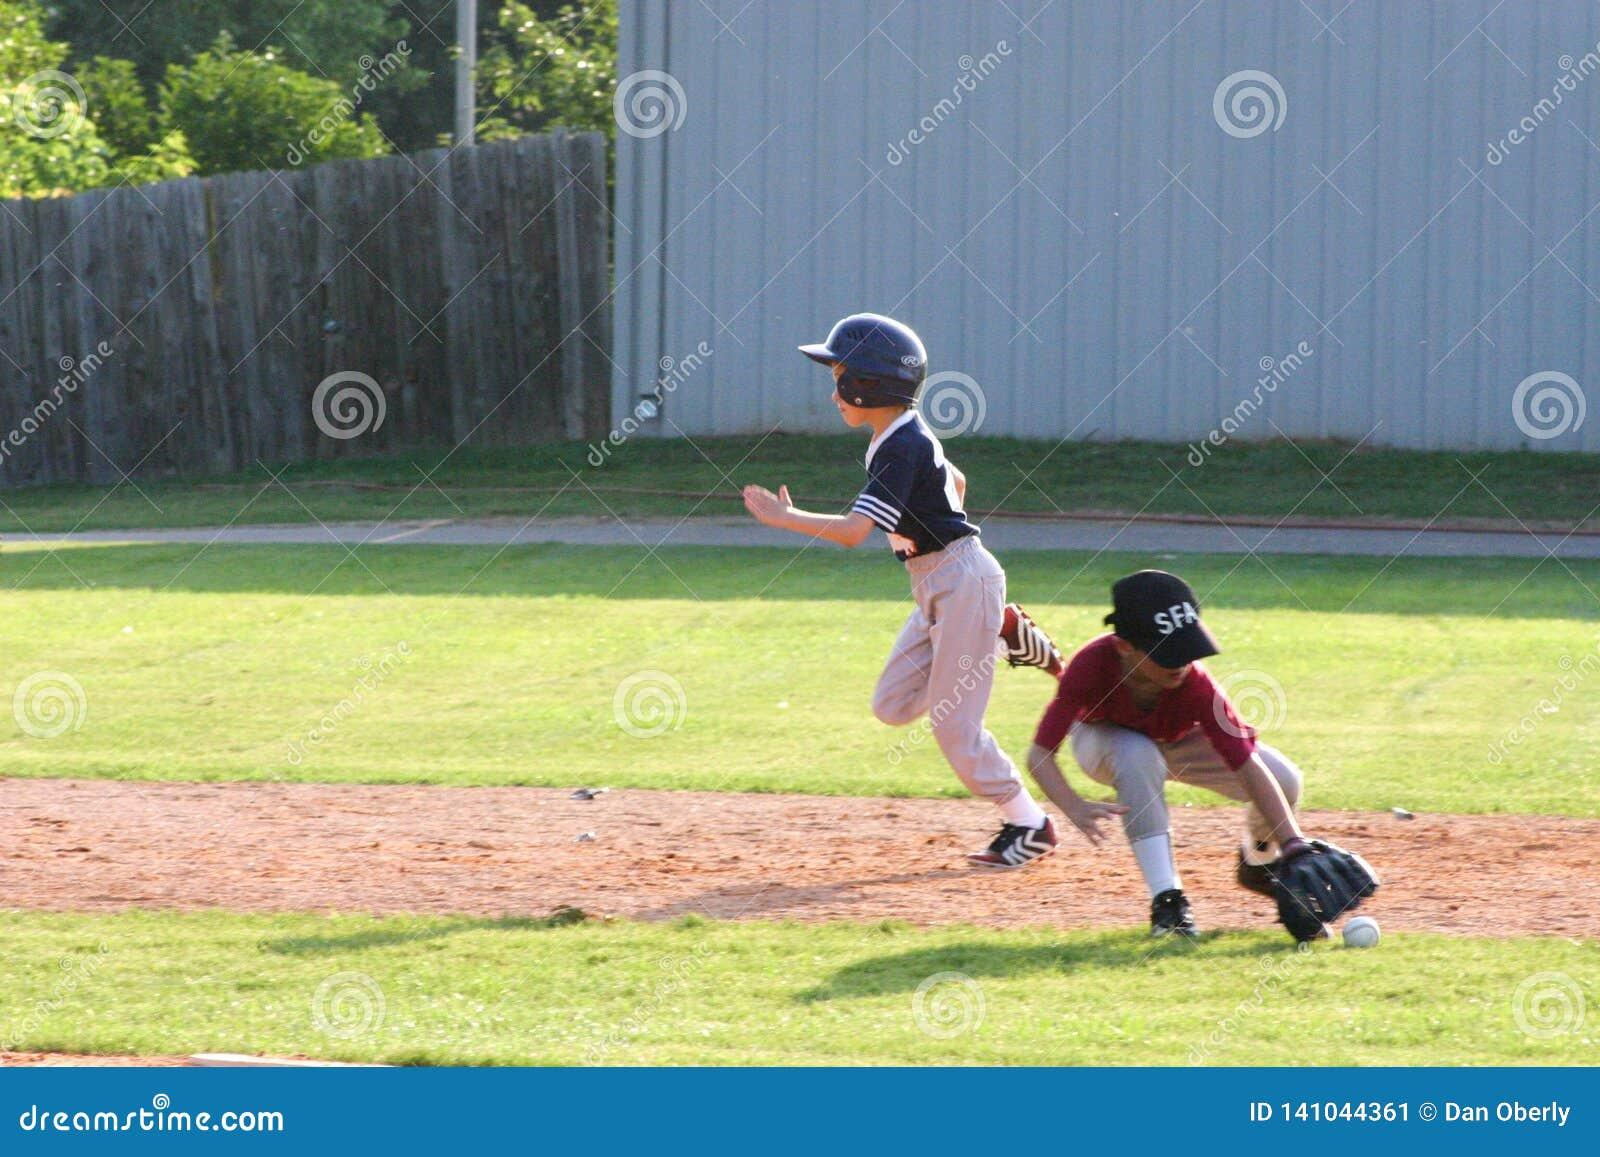 Mała Liga softballa gracz ciska dla trzeciej bazy podczas gdy drugi bazowy dosięga dla piłki